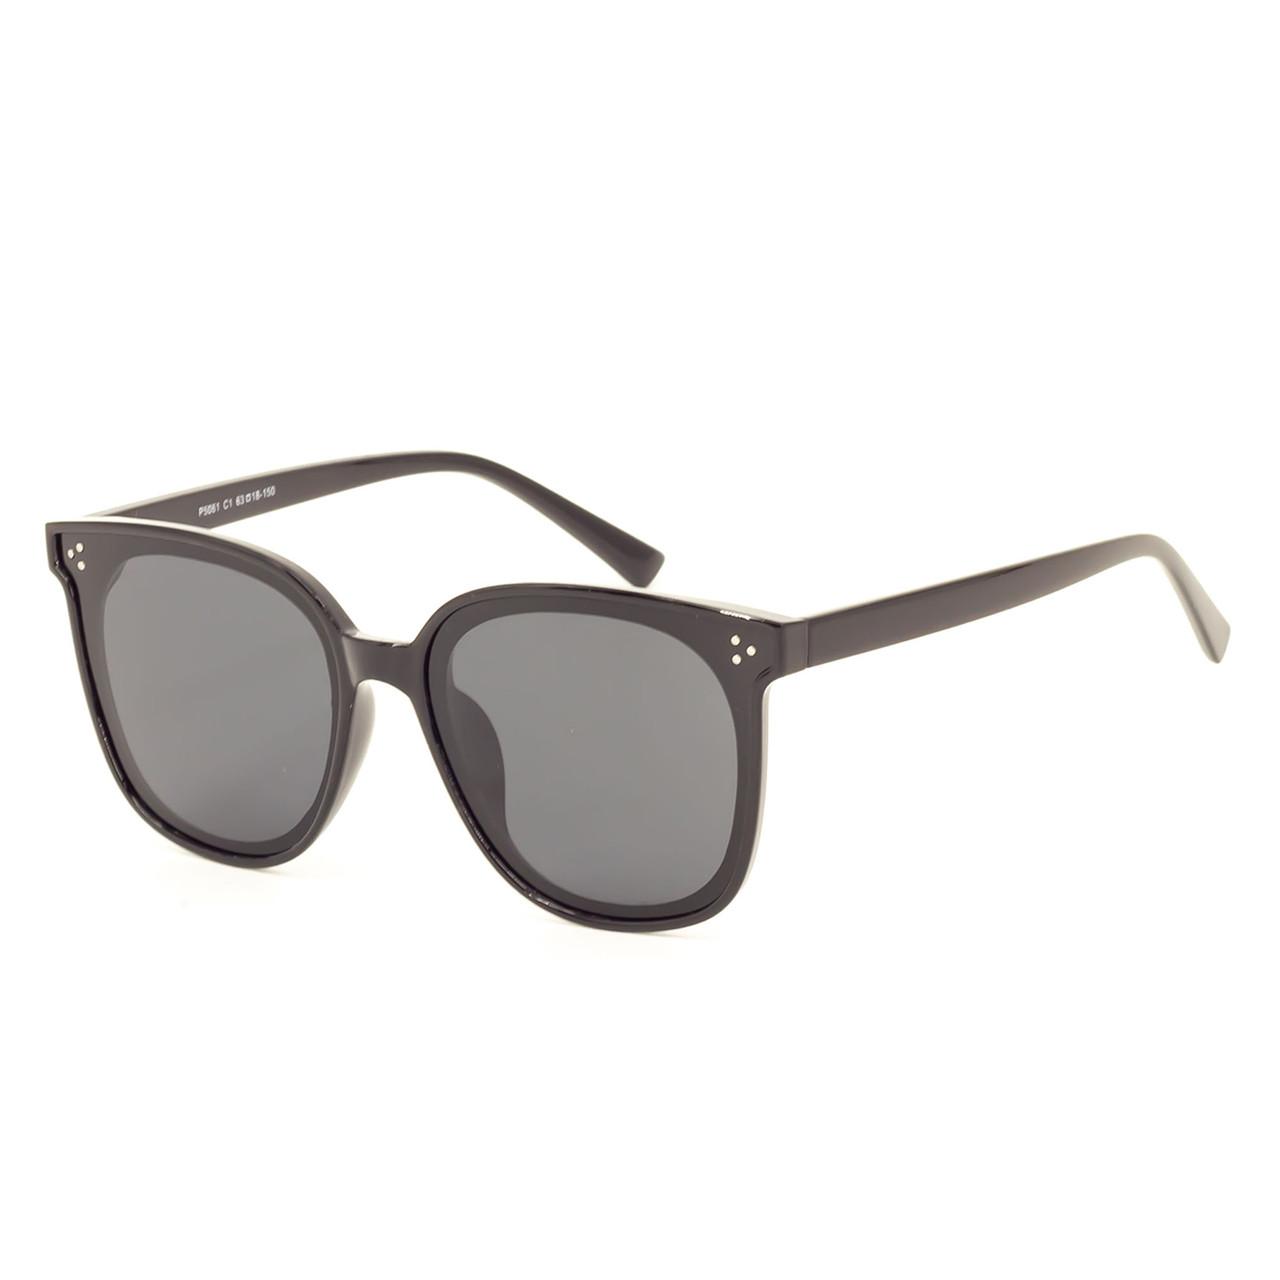 Сонцезахисні окуляри Marmilen P5061 C1 чорні ( P5061-01 )